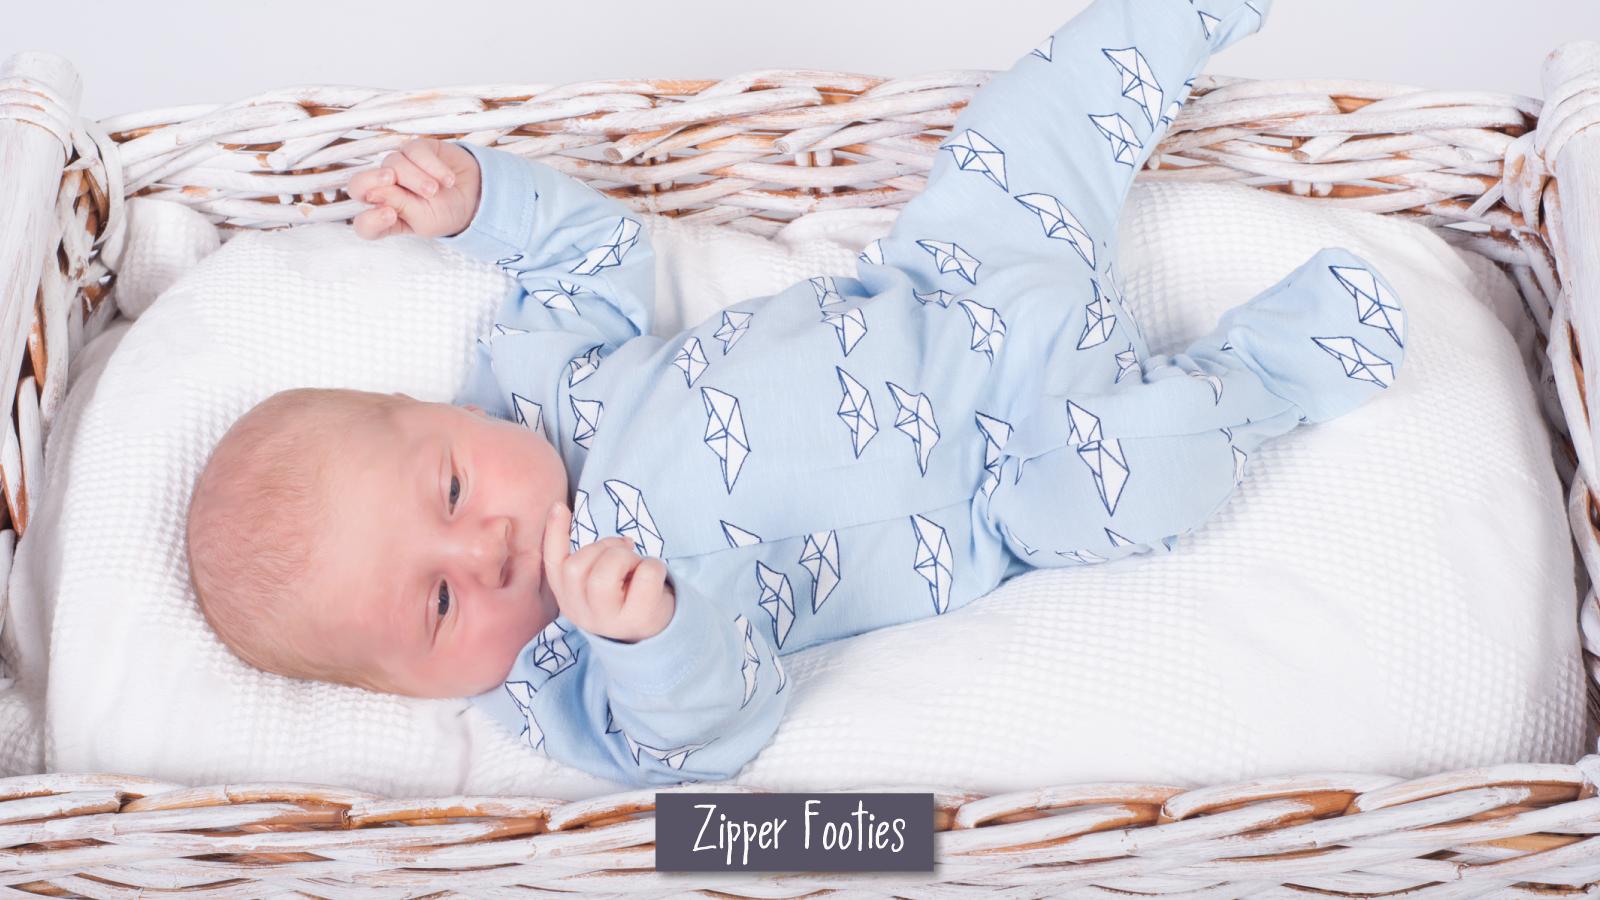 zipper-footies-ss20.png